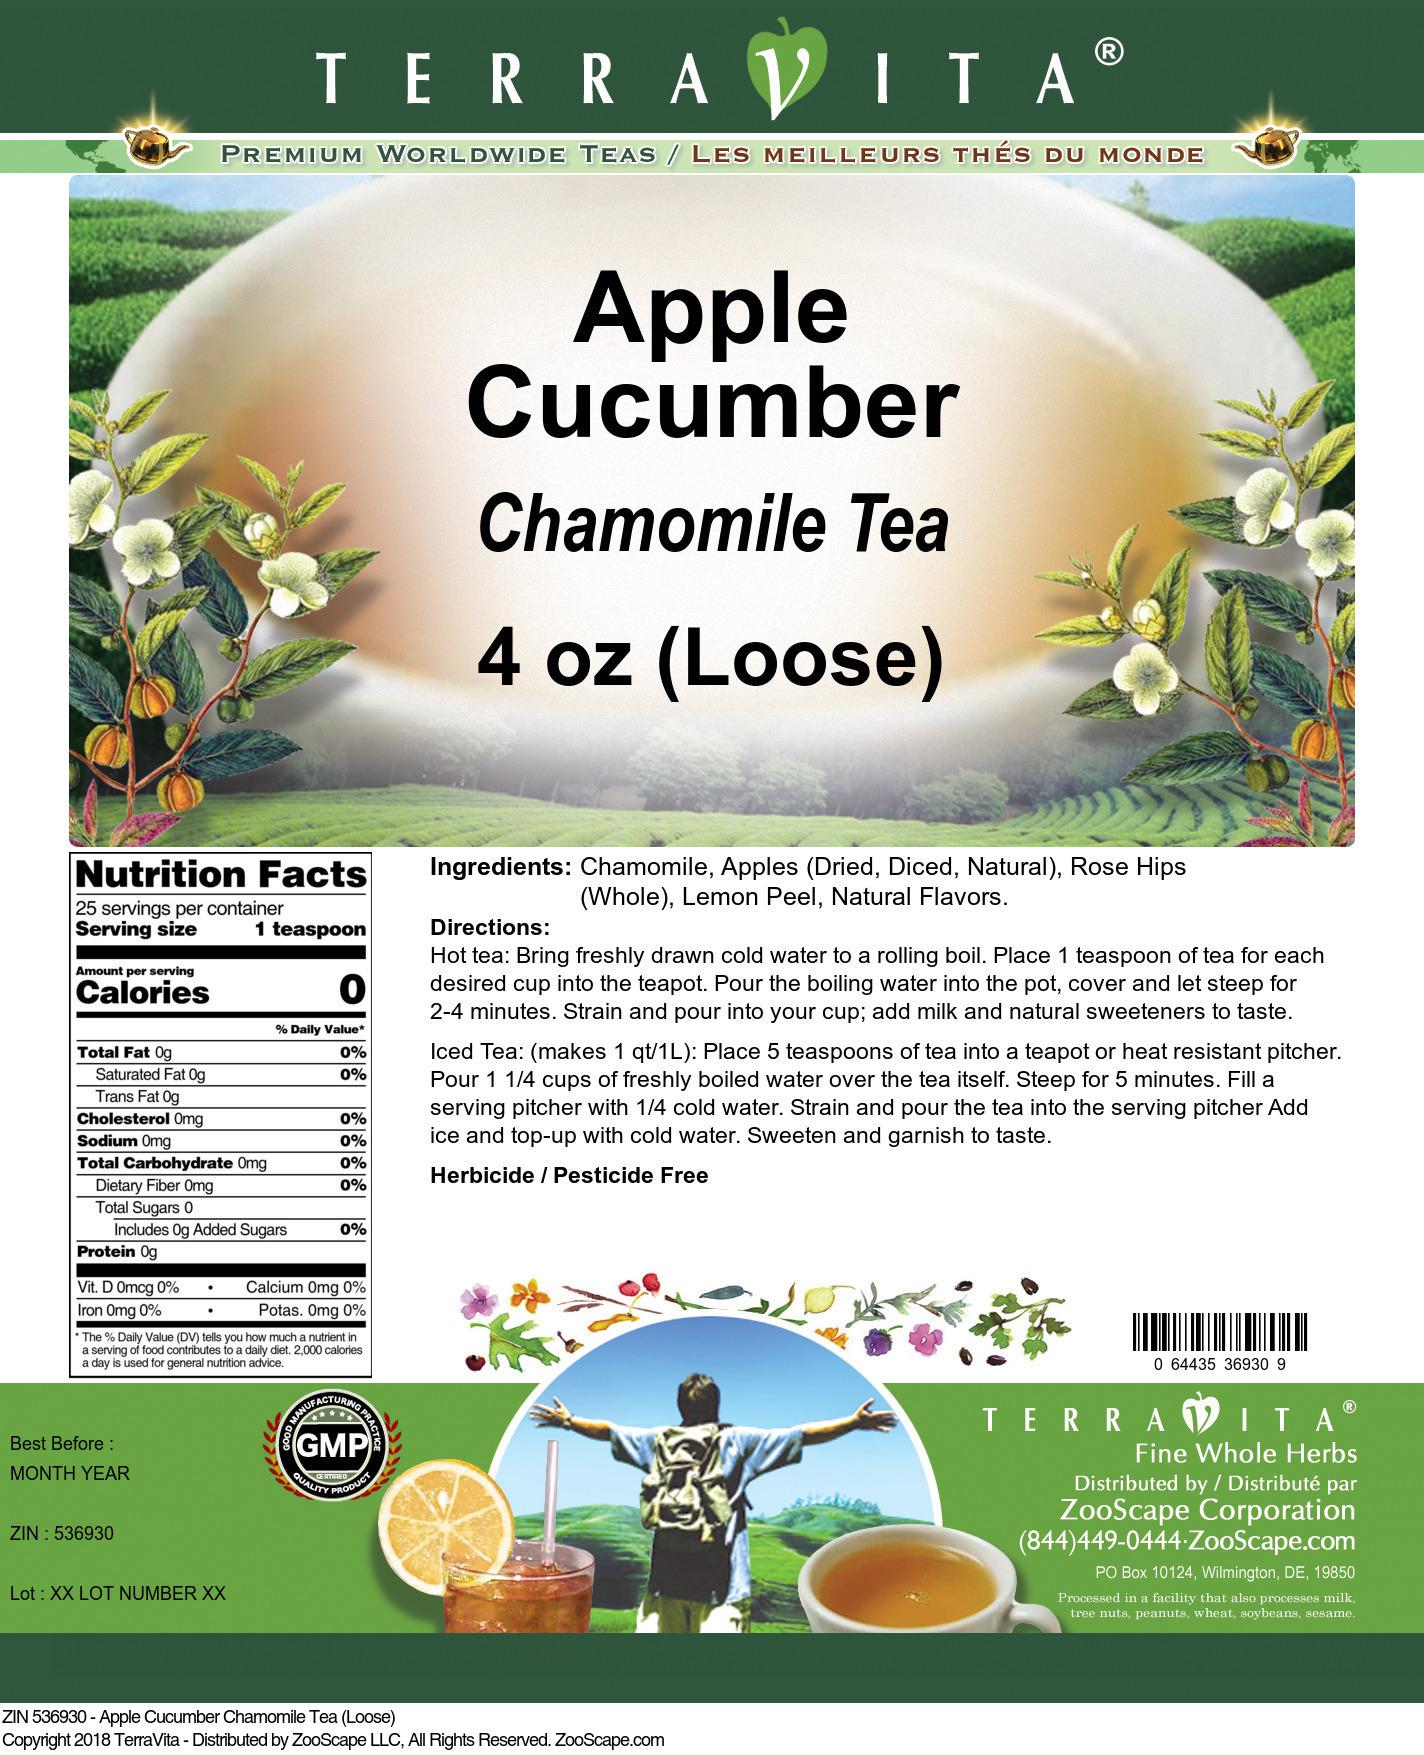 Apple Cucumber Chamomile Tea (Loose)